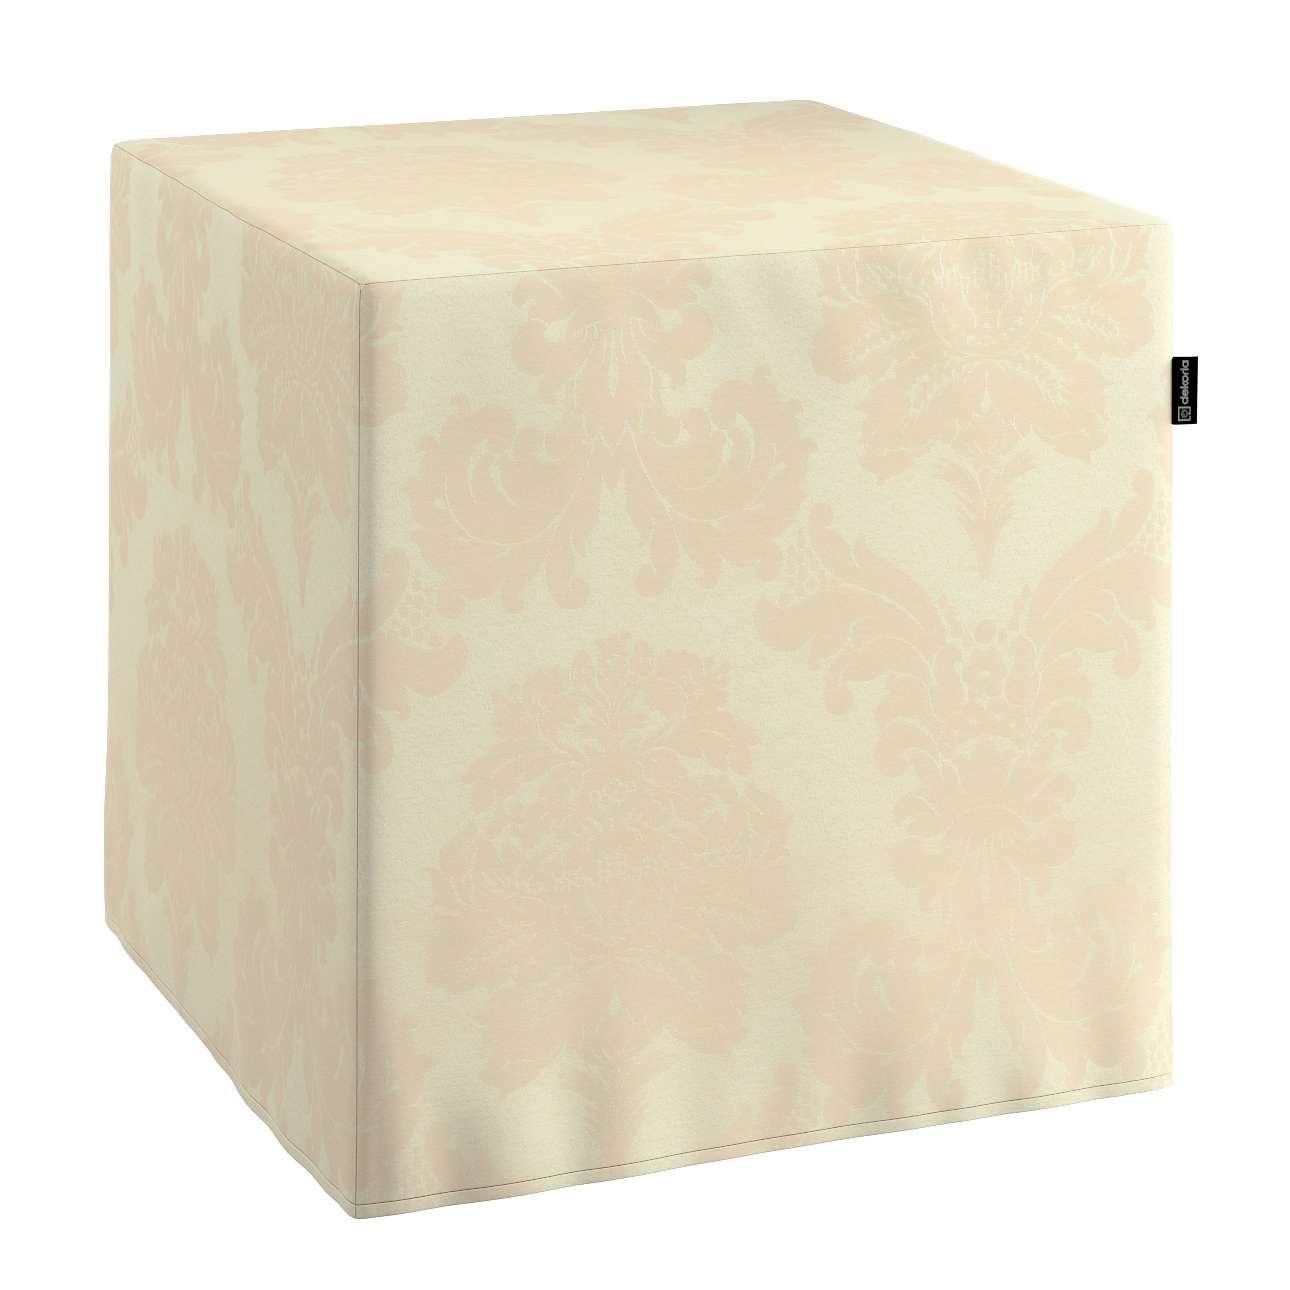 Pokrowiec na pufę kostke kostka 40x40x40 cm w kolekcji Damasco, tkanina: 613-01